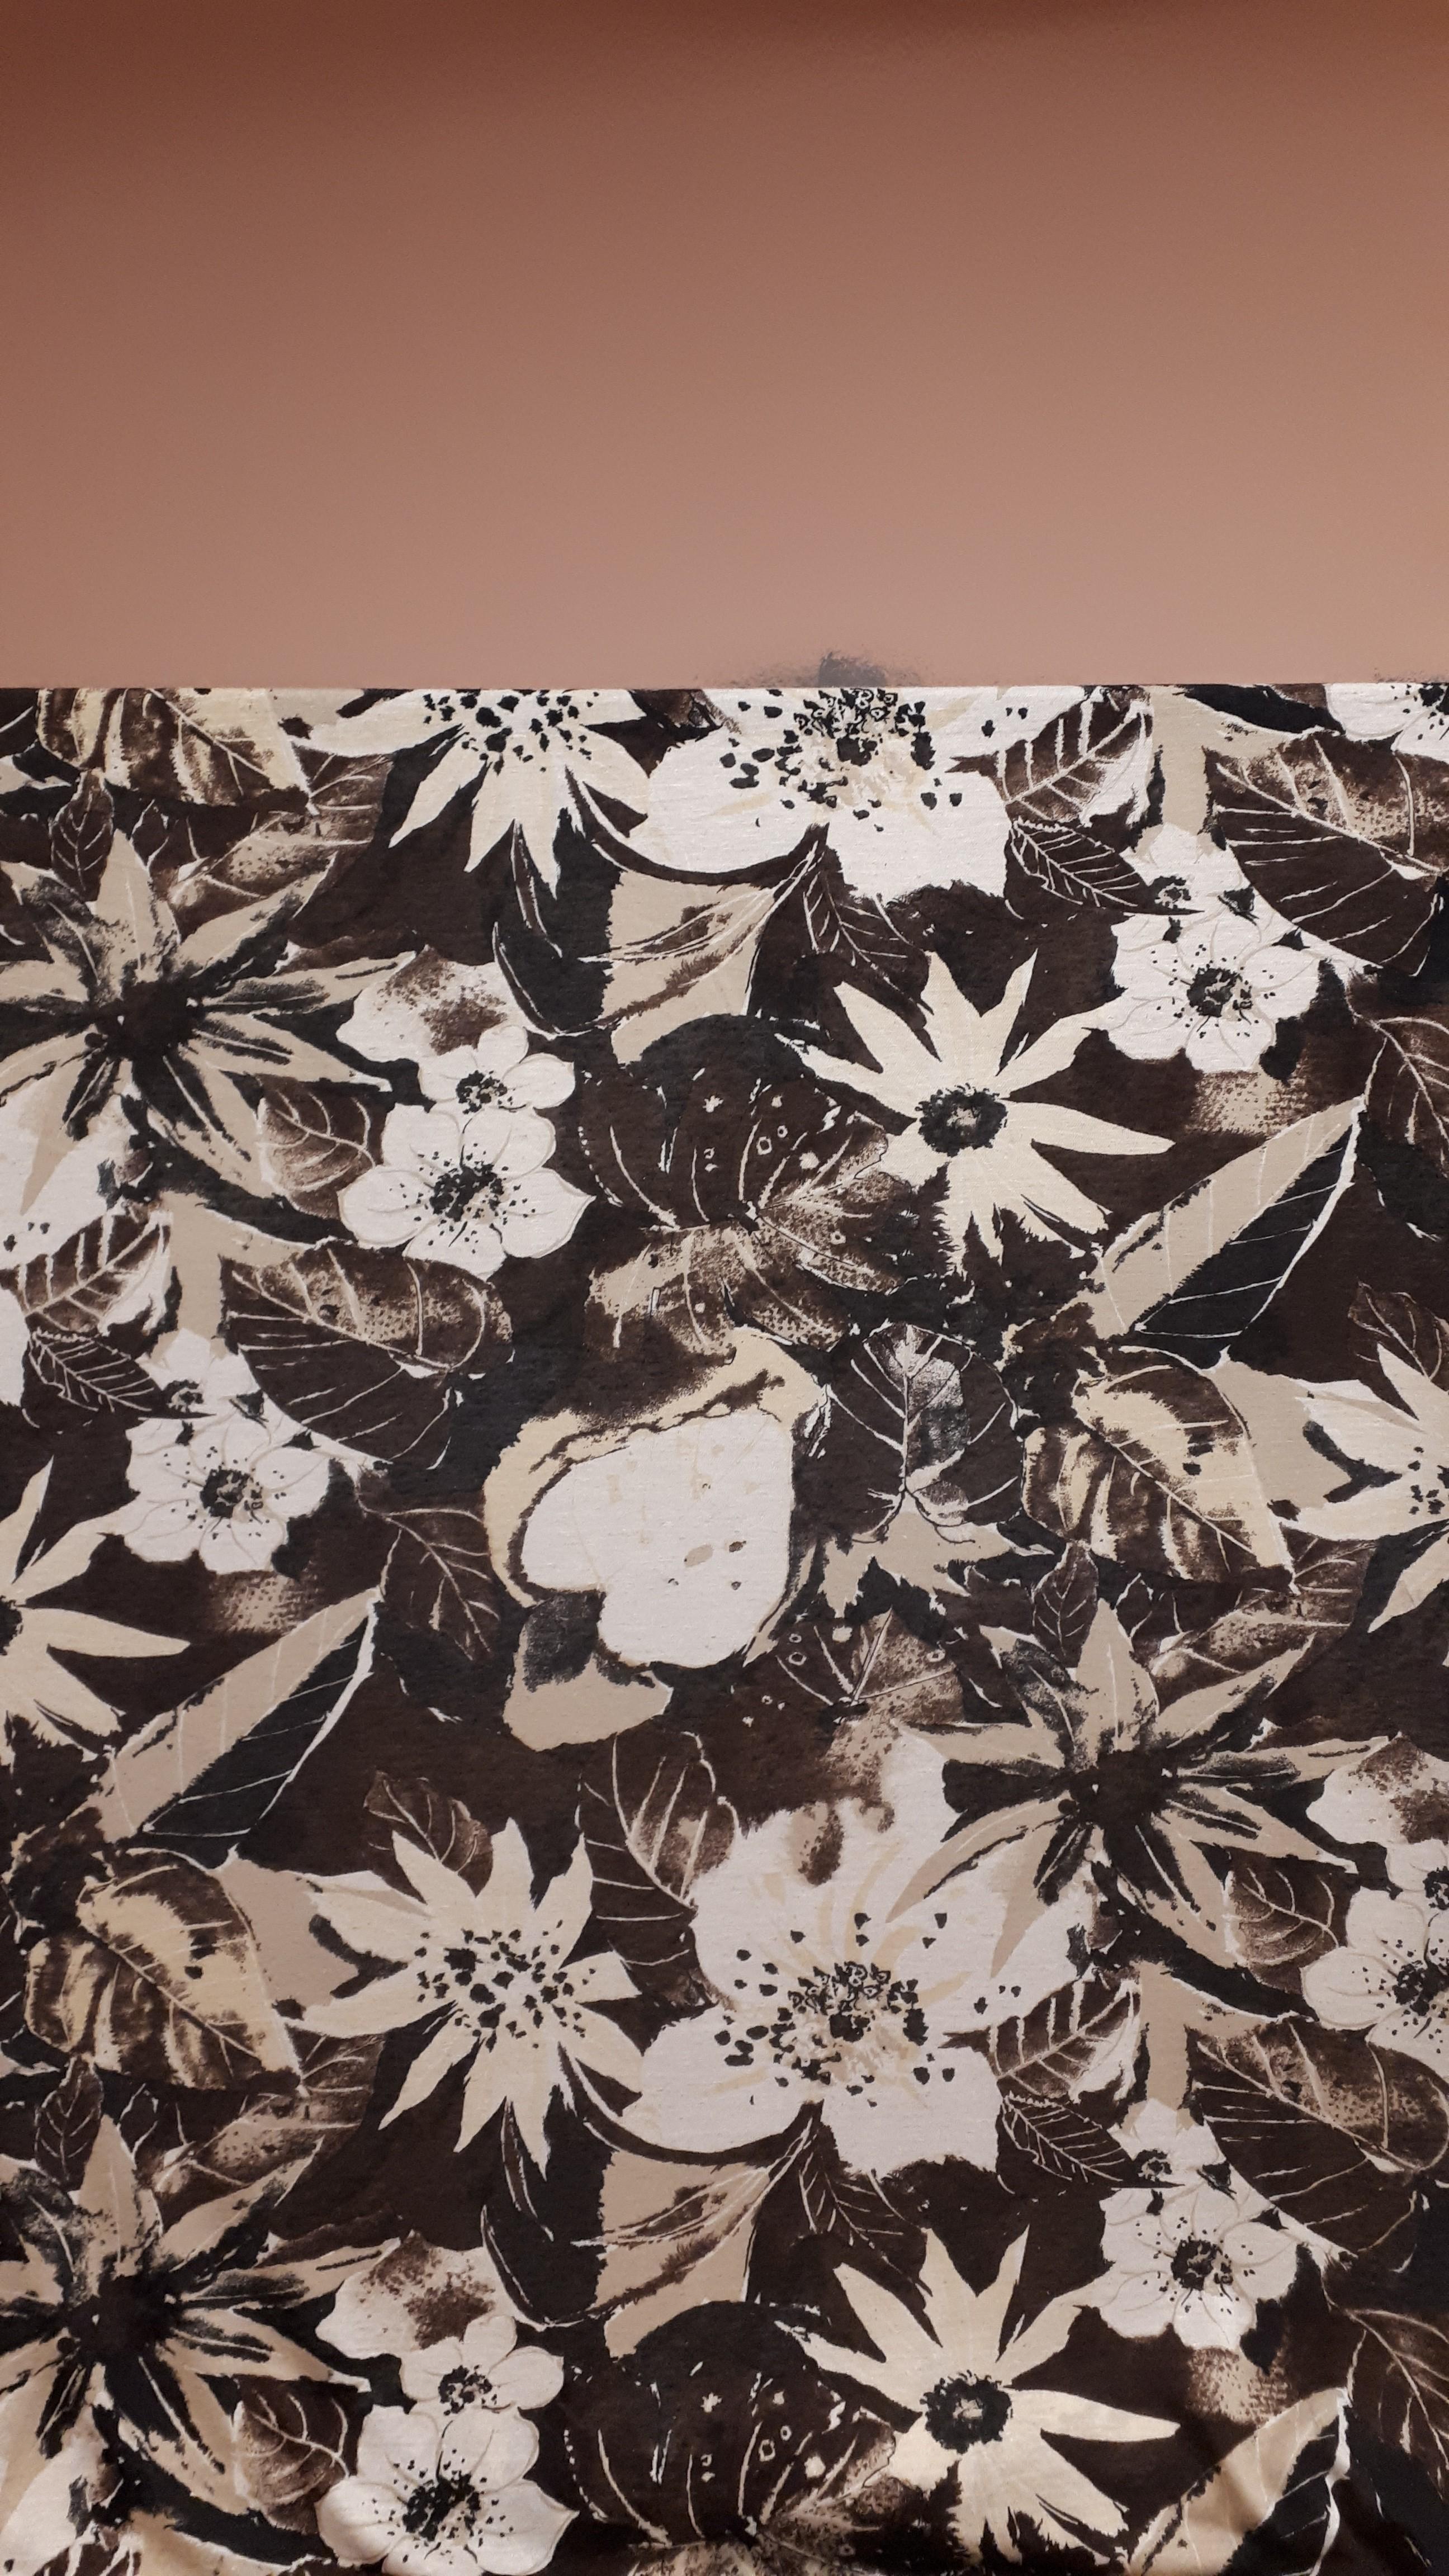 Lina un viskozes trikotāža ar ziedu rakstu